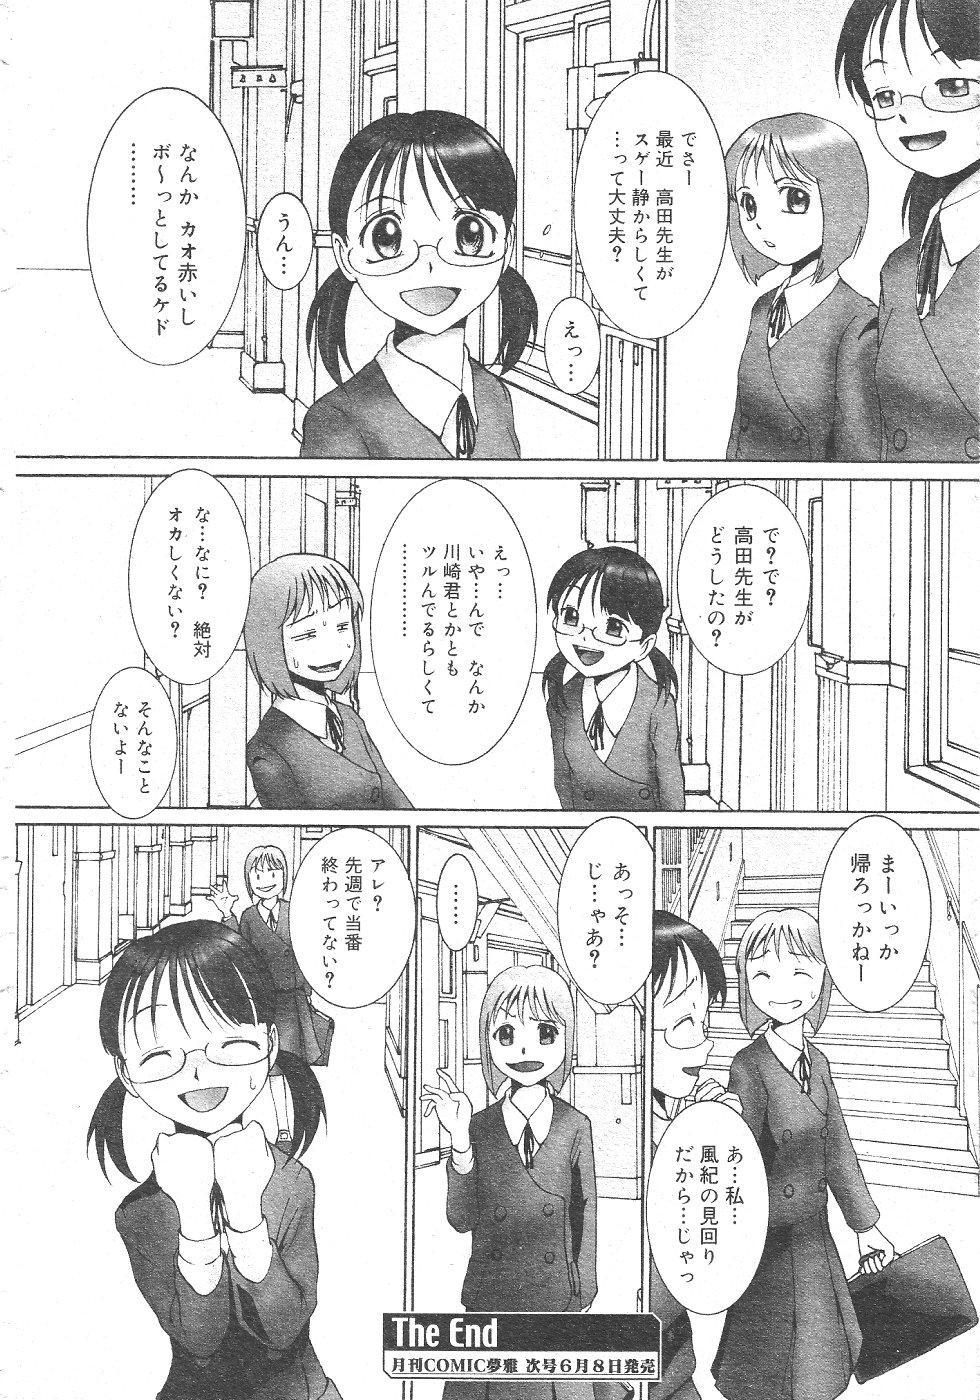 Gekkan Comic Muga 2004-06 Vol.10 185